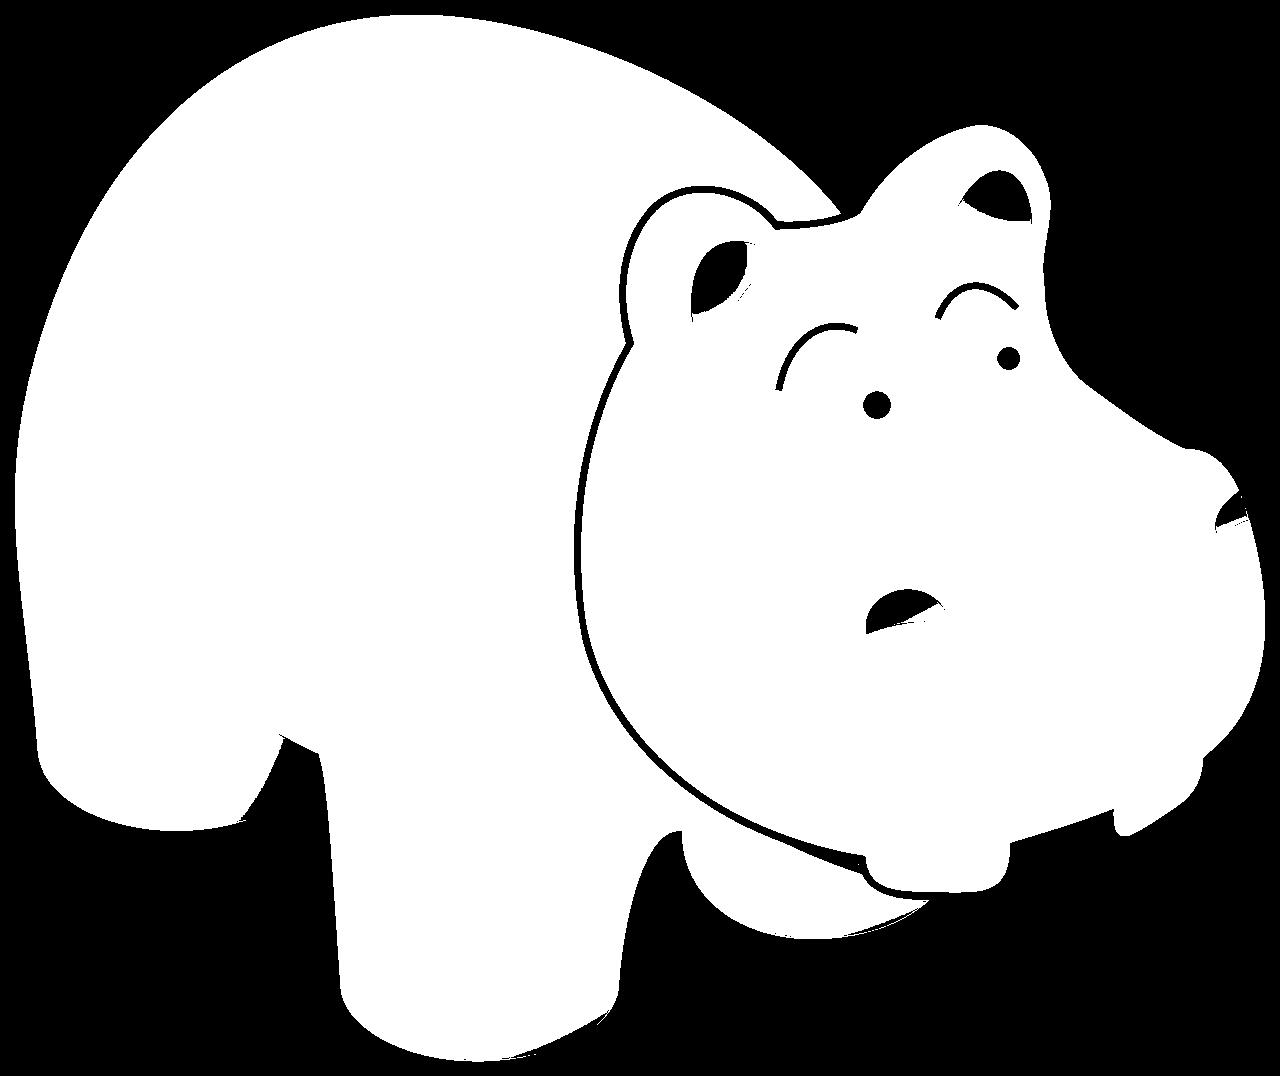 Disegno da colorare di ippopotamo cartoon per bambini